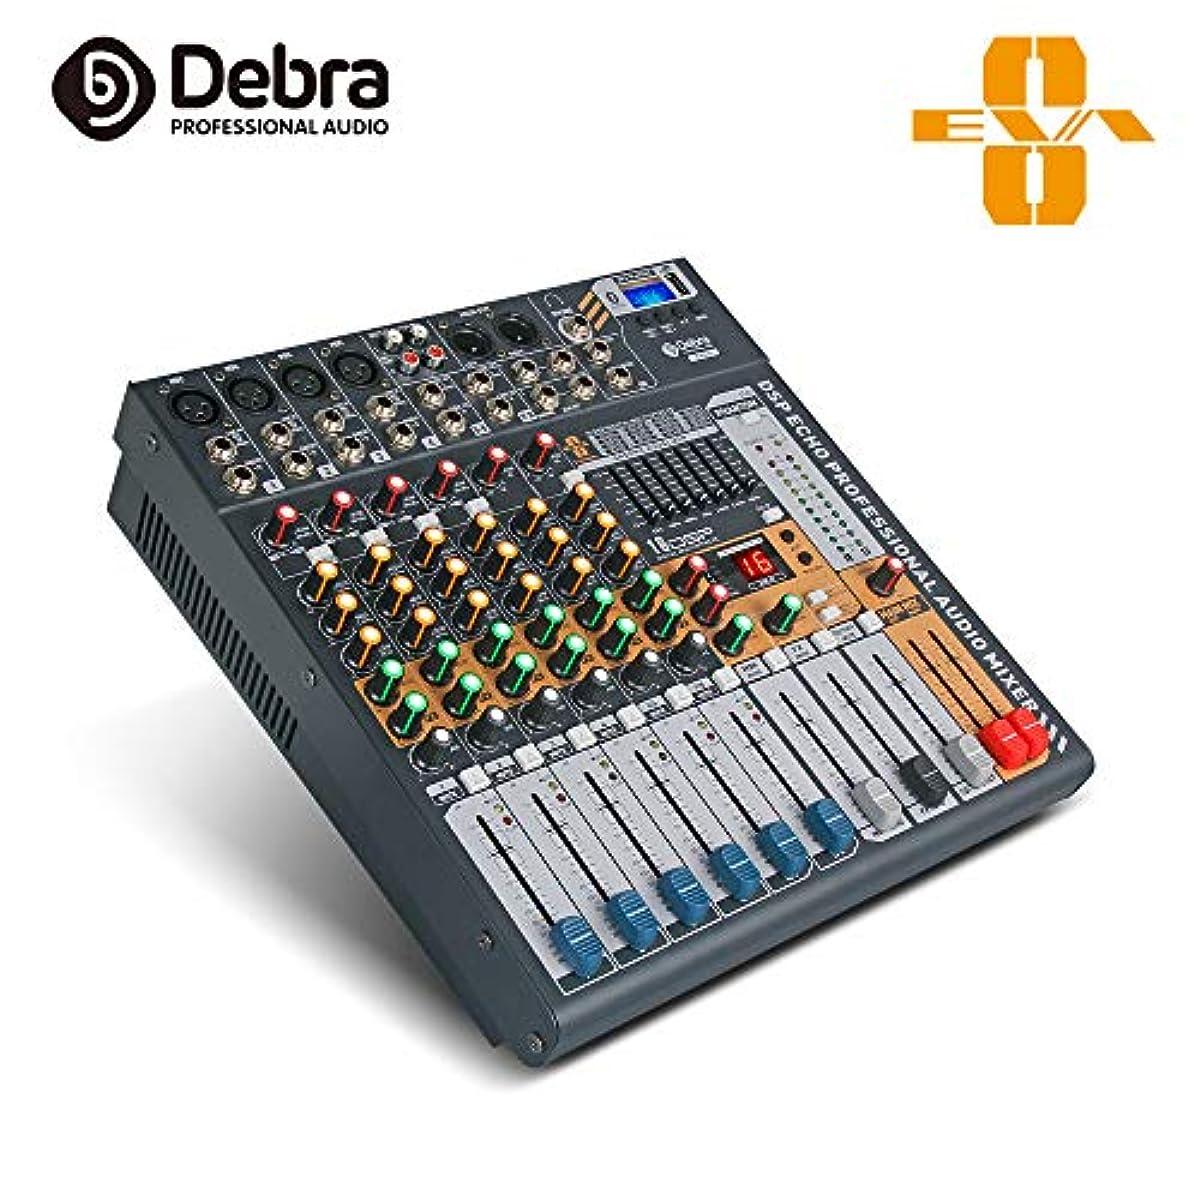 [해외] DEBRA AUDIO 6/8/12채널 클린 사운드BLUETOOTH STUDIO믹서 오디오 - DJ사운드 콘트롤러 인터페이스USB드라이어이브PC레코딩 입력,XLR마이크 자쿠(Zaku),48V전원,(8채널)